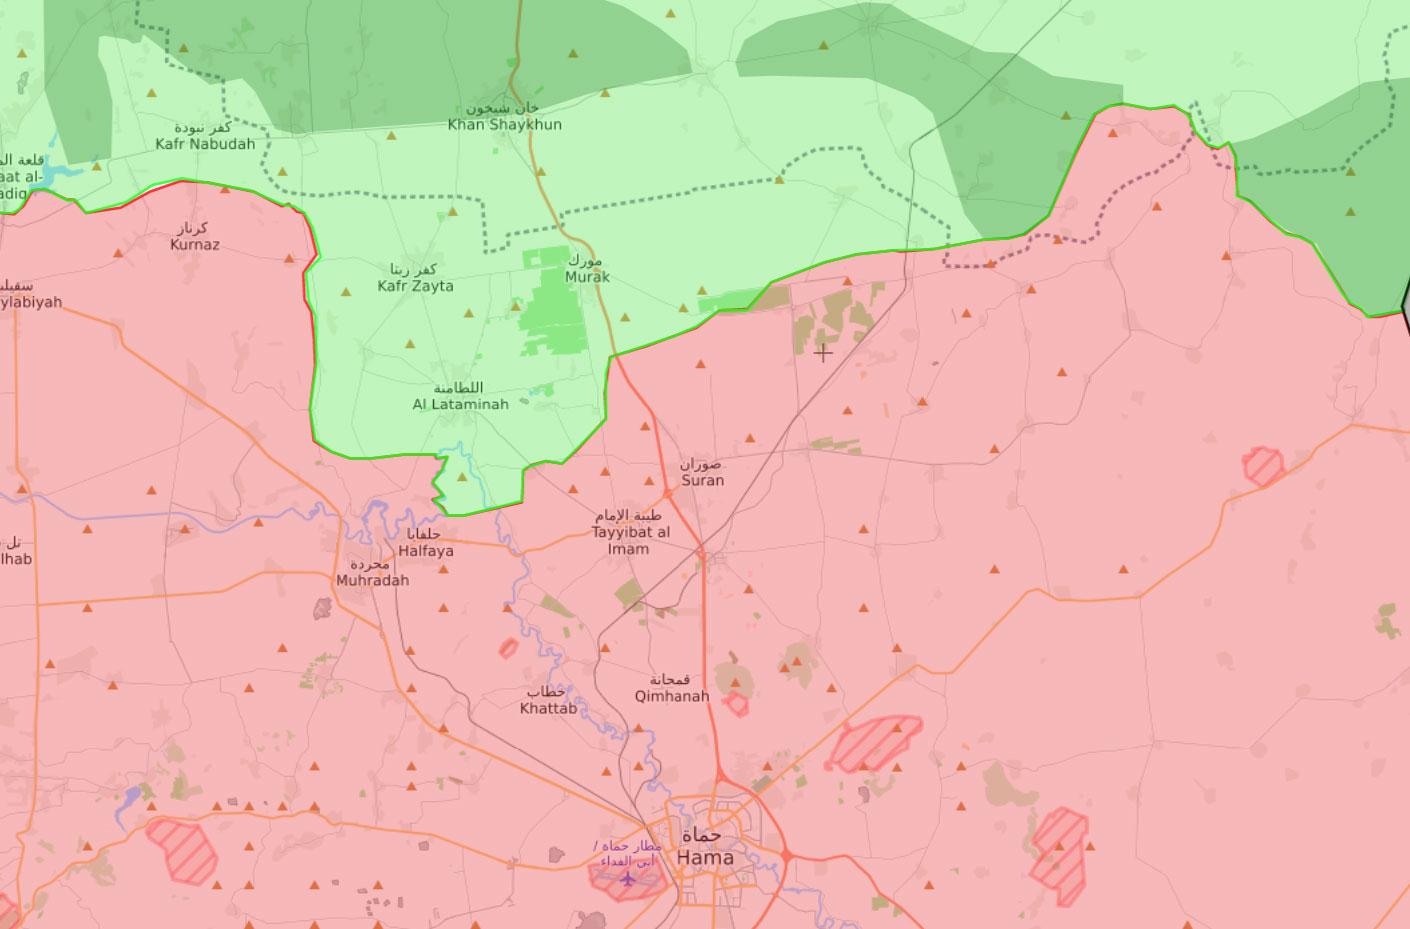 خريطة توزع السيطرة في ريف حماة - 17 كانون الأول 2017 (livemap)